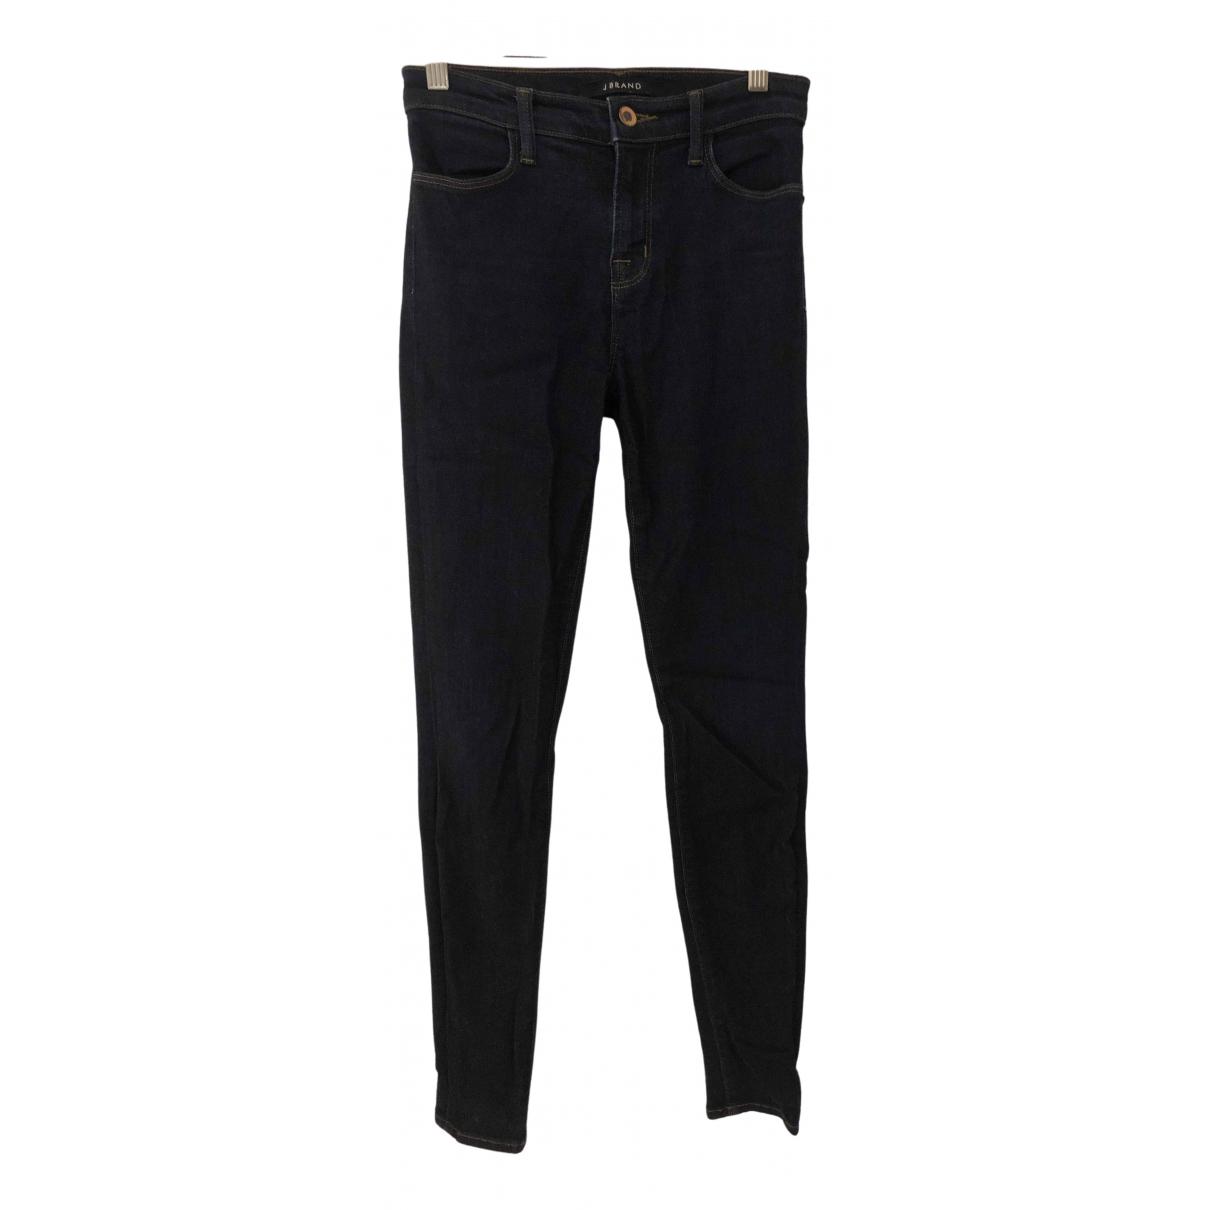 J Brand \N Navy Denim - Jeans Jeans for Women 25 US